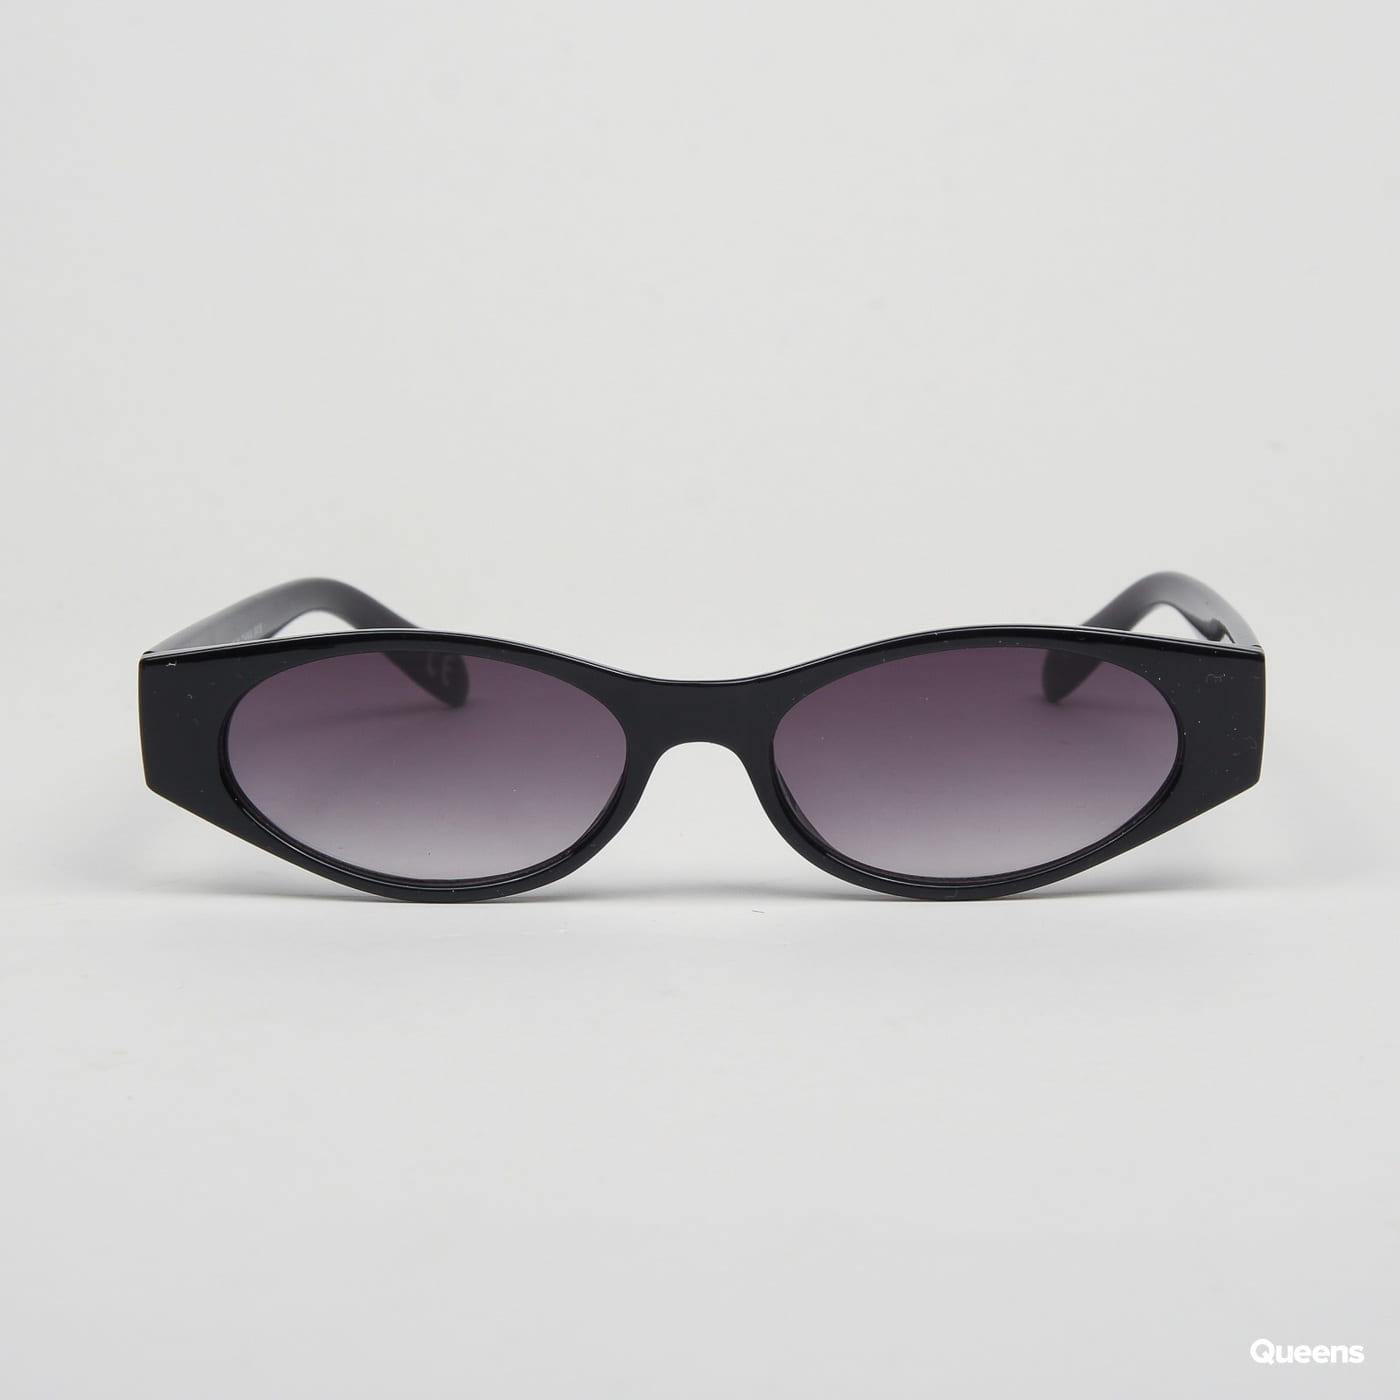 Vans W? Y2K Sunglasses black satin